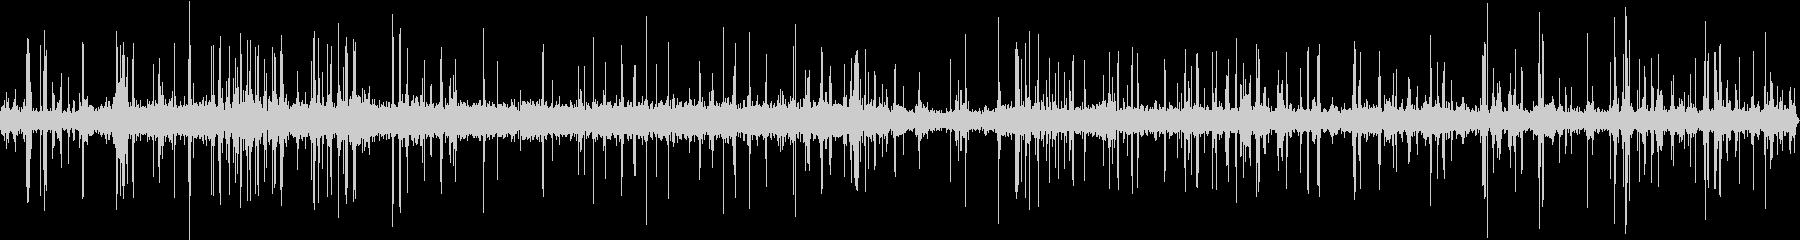 古典的なラジオの静的ノイズの未再生の波形